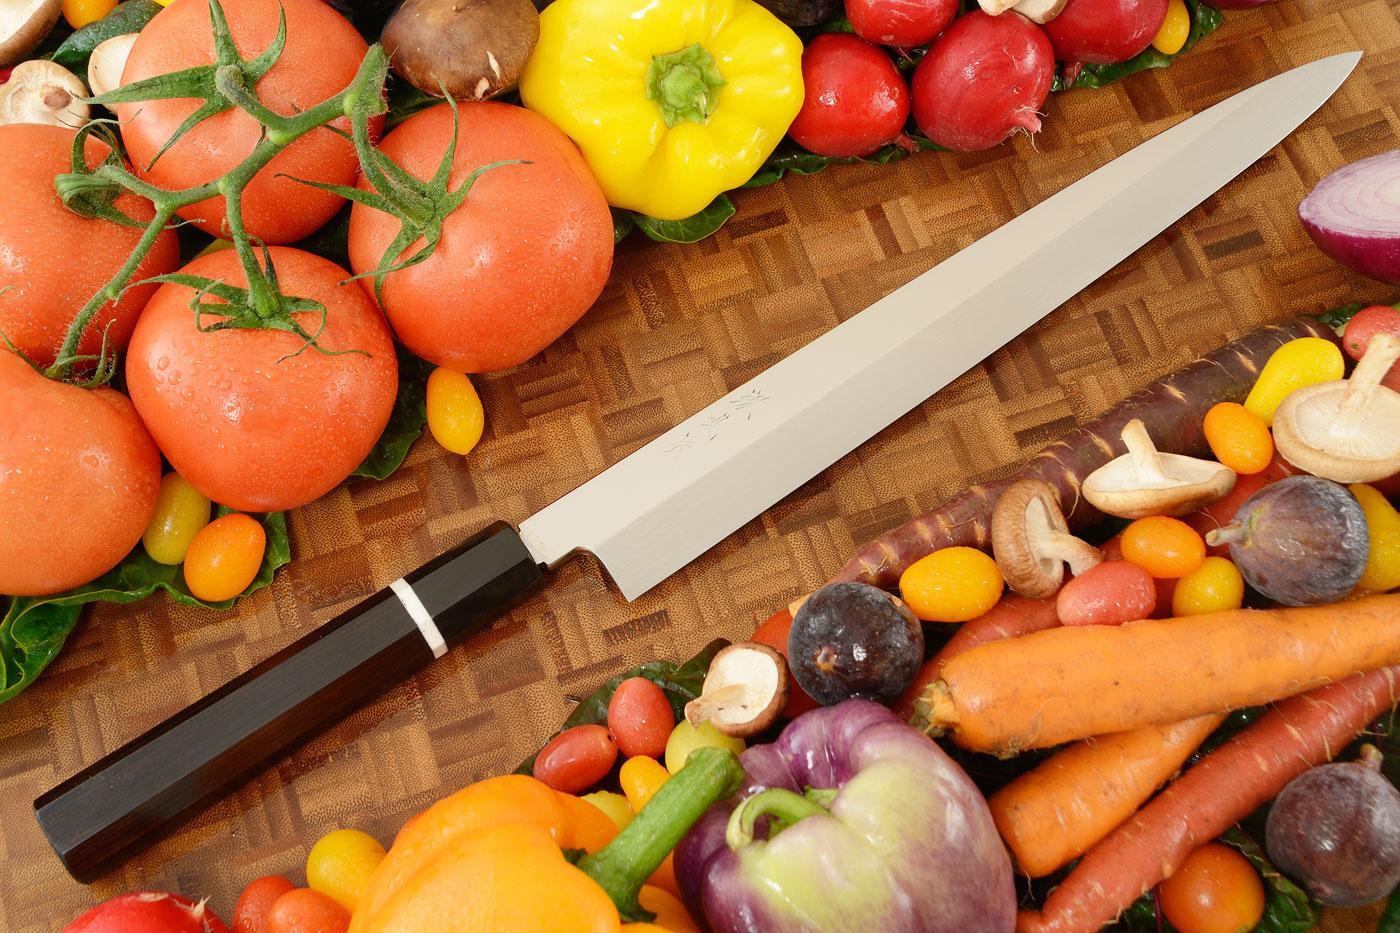 Honyaki Slicing Knife - Yanagiba, 300mm (11-3/4 in)